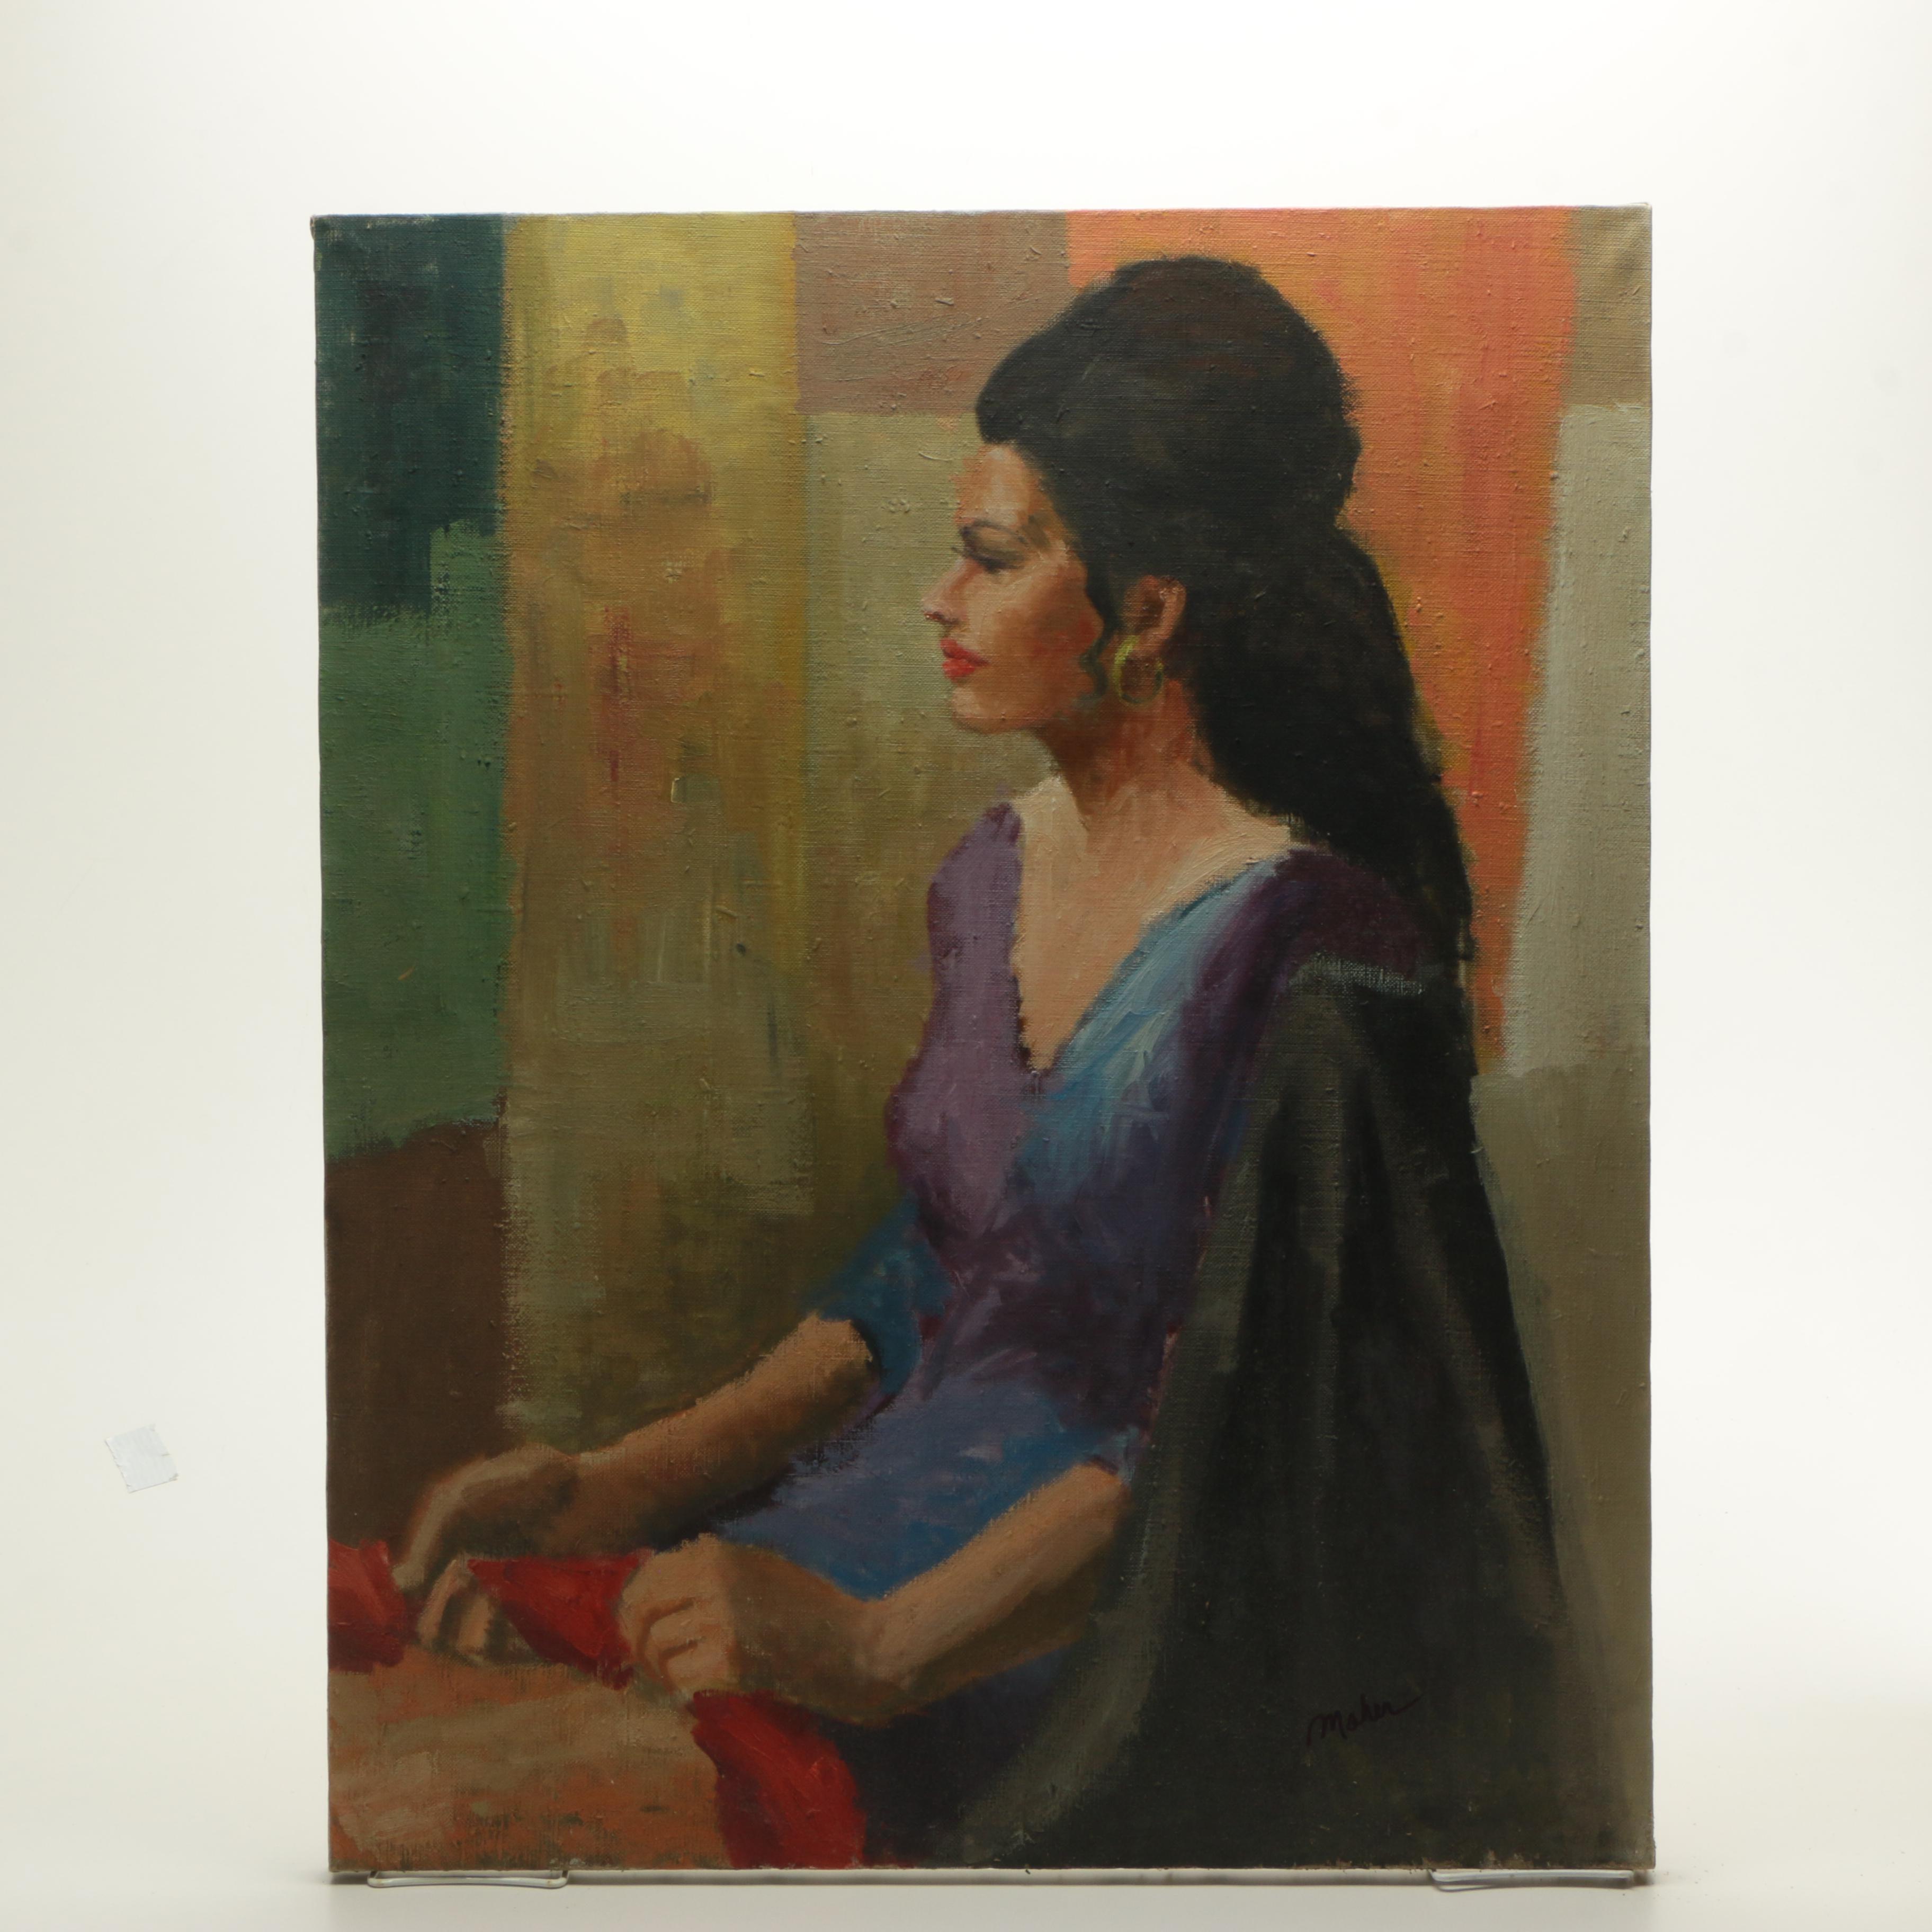 James Maher Oil Portrait of a Woman